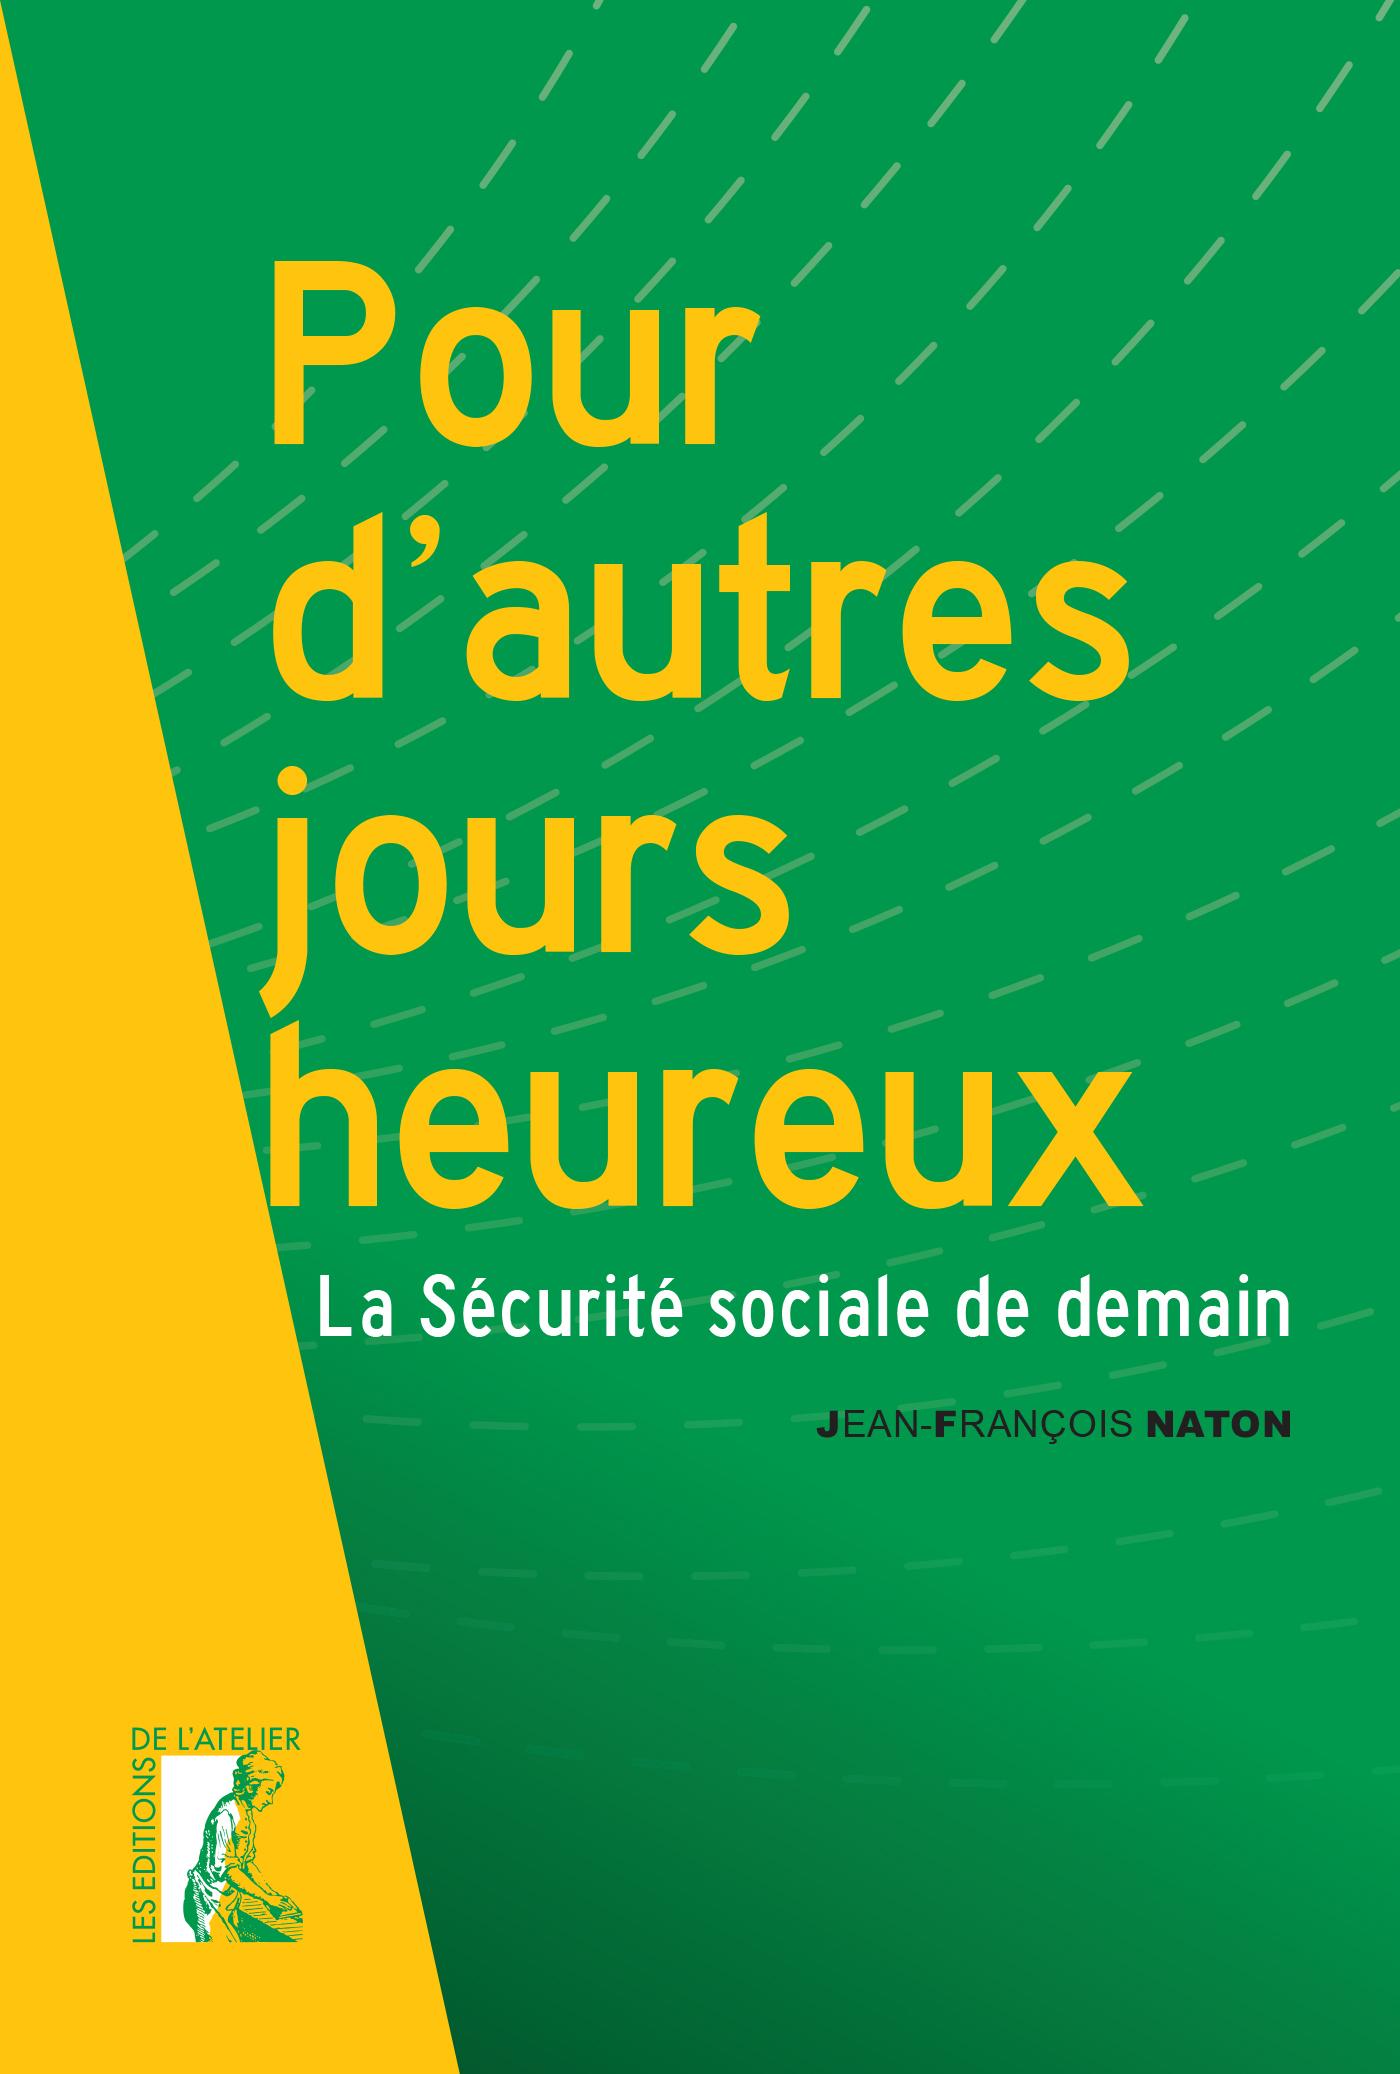 POUR D'AUTRES JOURS HEUREUX - LA SECURITE SOCIALE DE DEMAIN